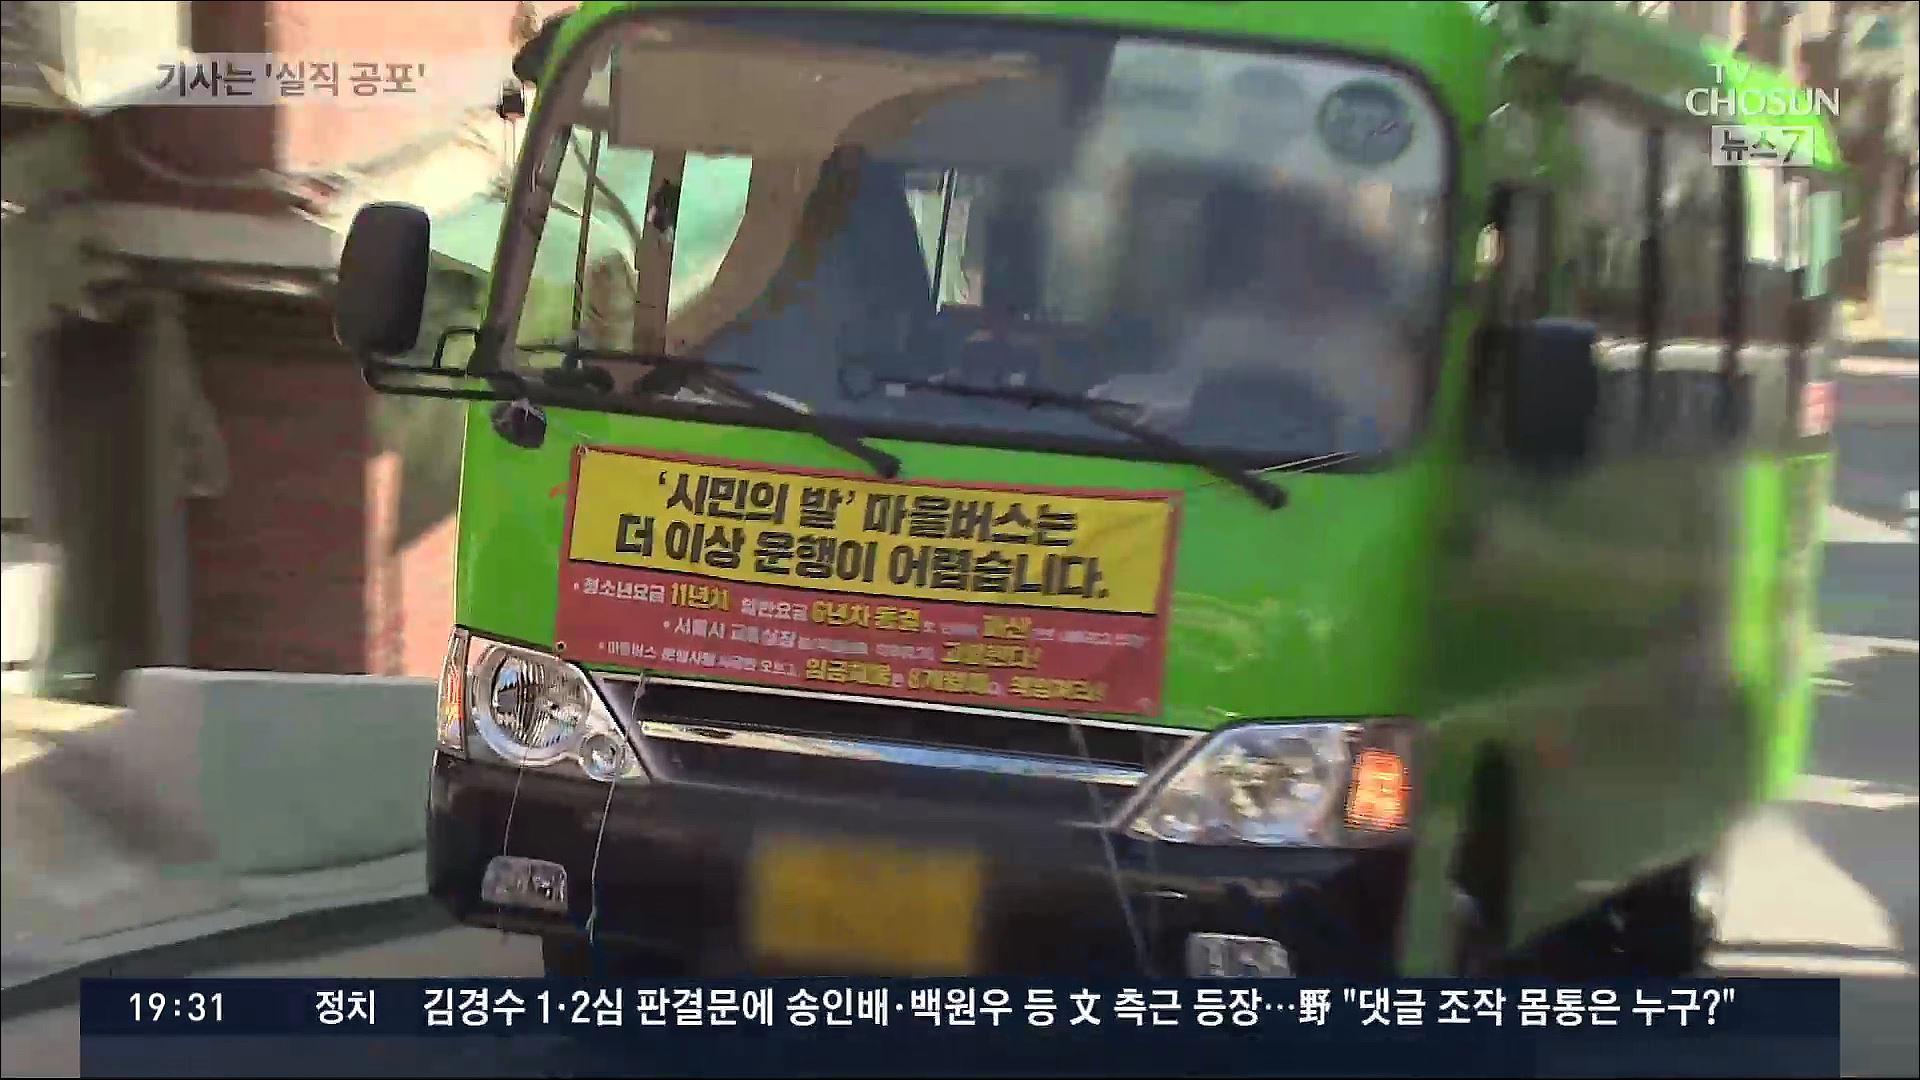 재정난에 서울 마을버스 감축…시민 불편·기사 실직위기